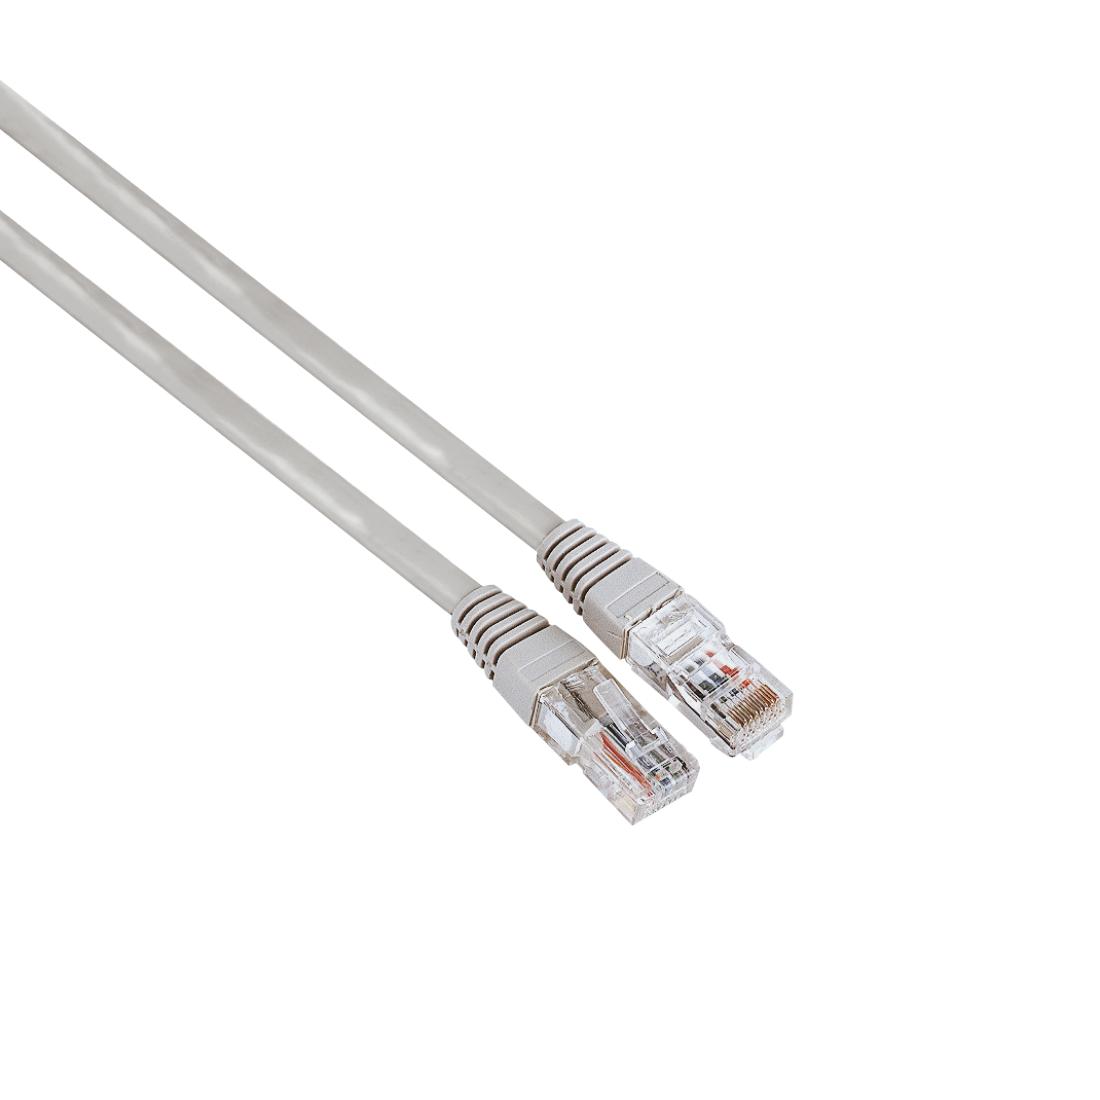 Мрежов кабел HAMA CAT 5e, UTP, RJ-45 - RJ-45, 1.5 m,Сив, булк опаковка